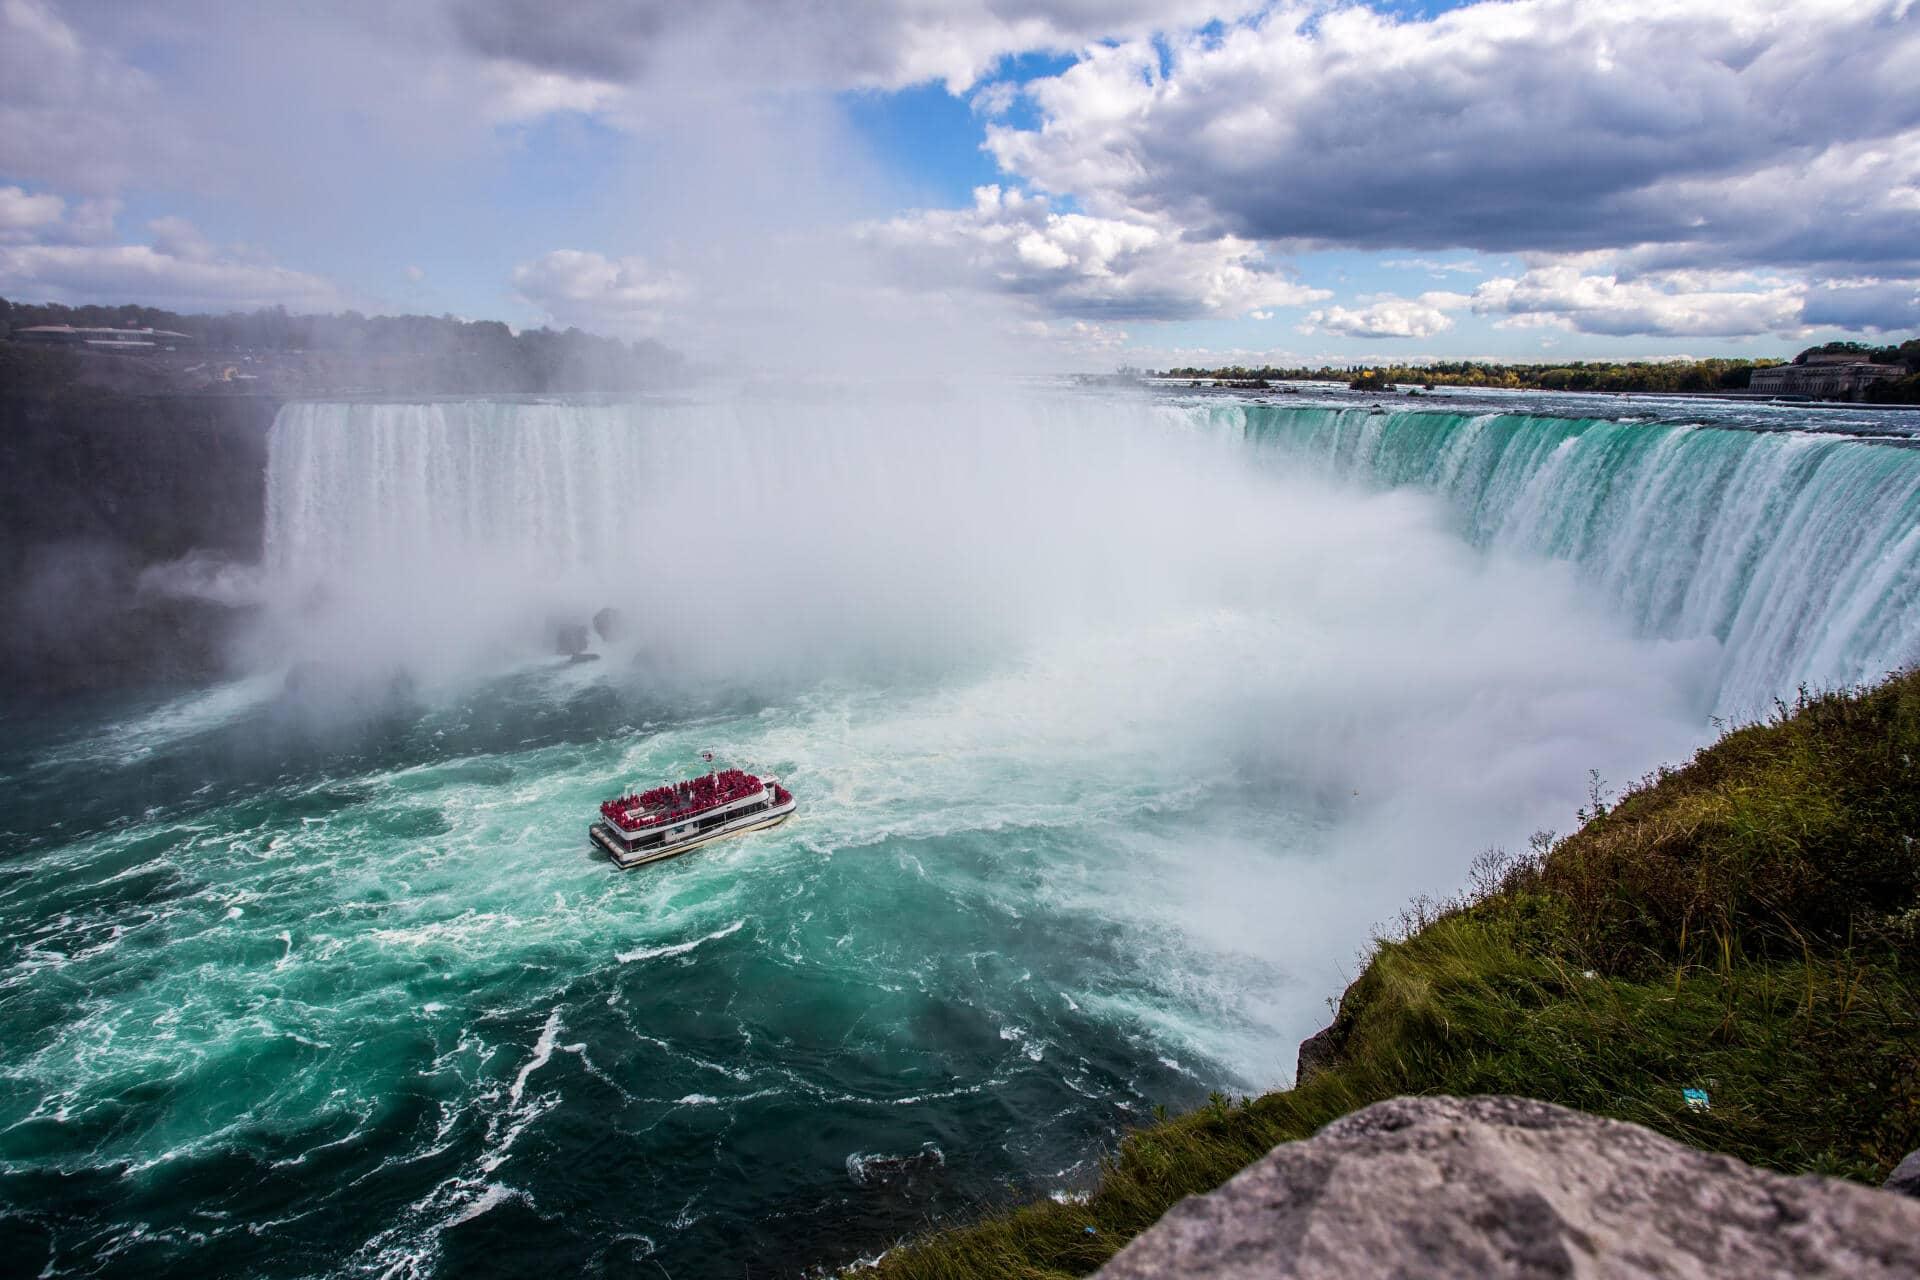 Excursión a las cataratas del Niagara